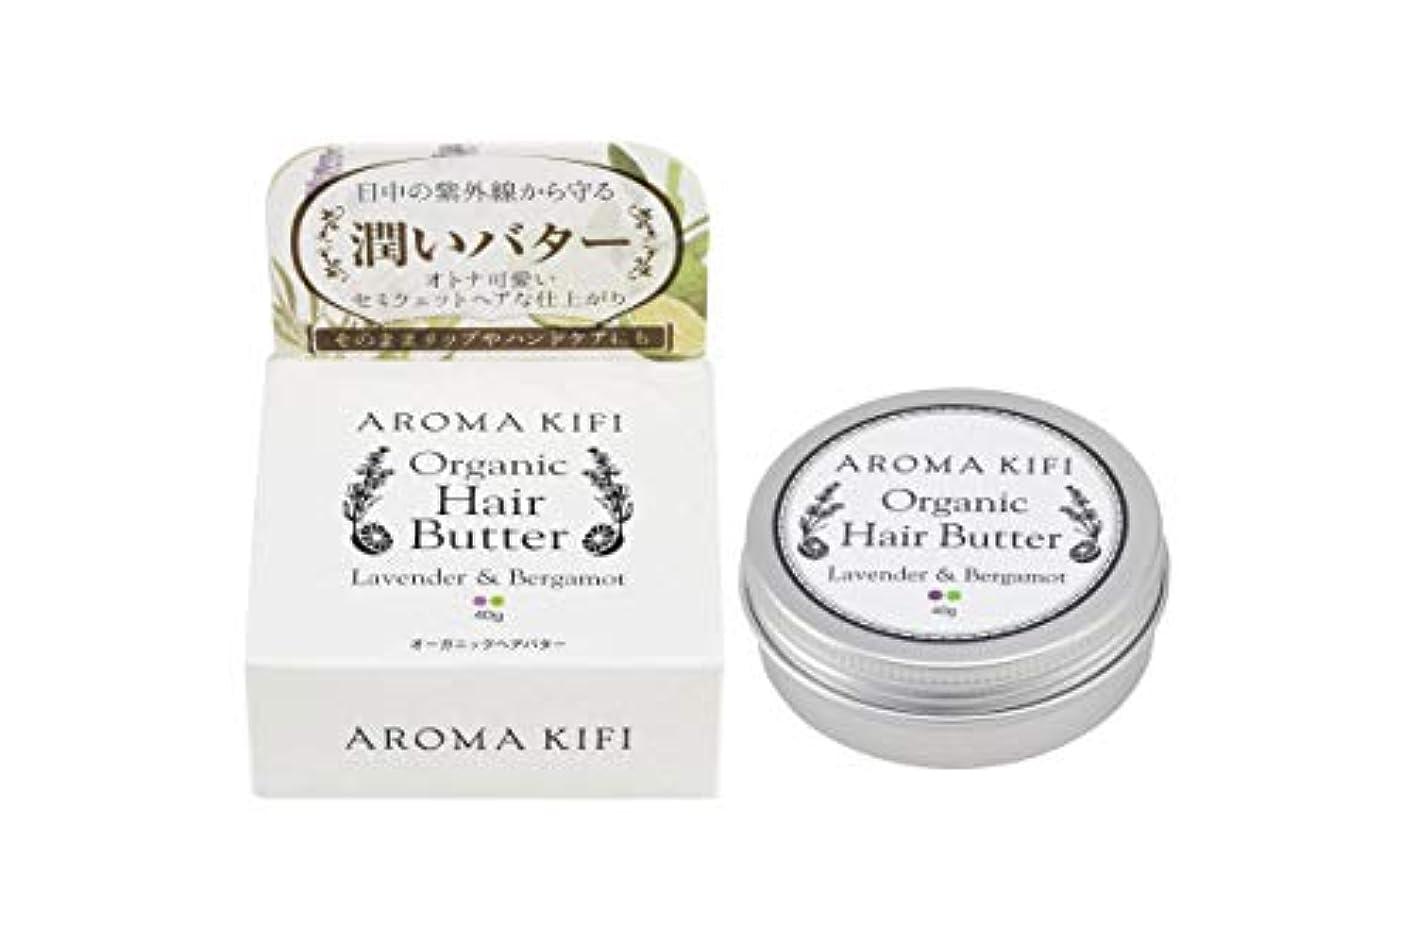 芝生支店体細胞アロマキフィ AROMAKIFI オーガニック ヘアバター ノンシリコン スタイリング 40g